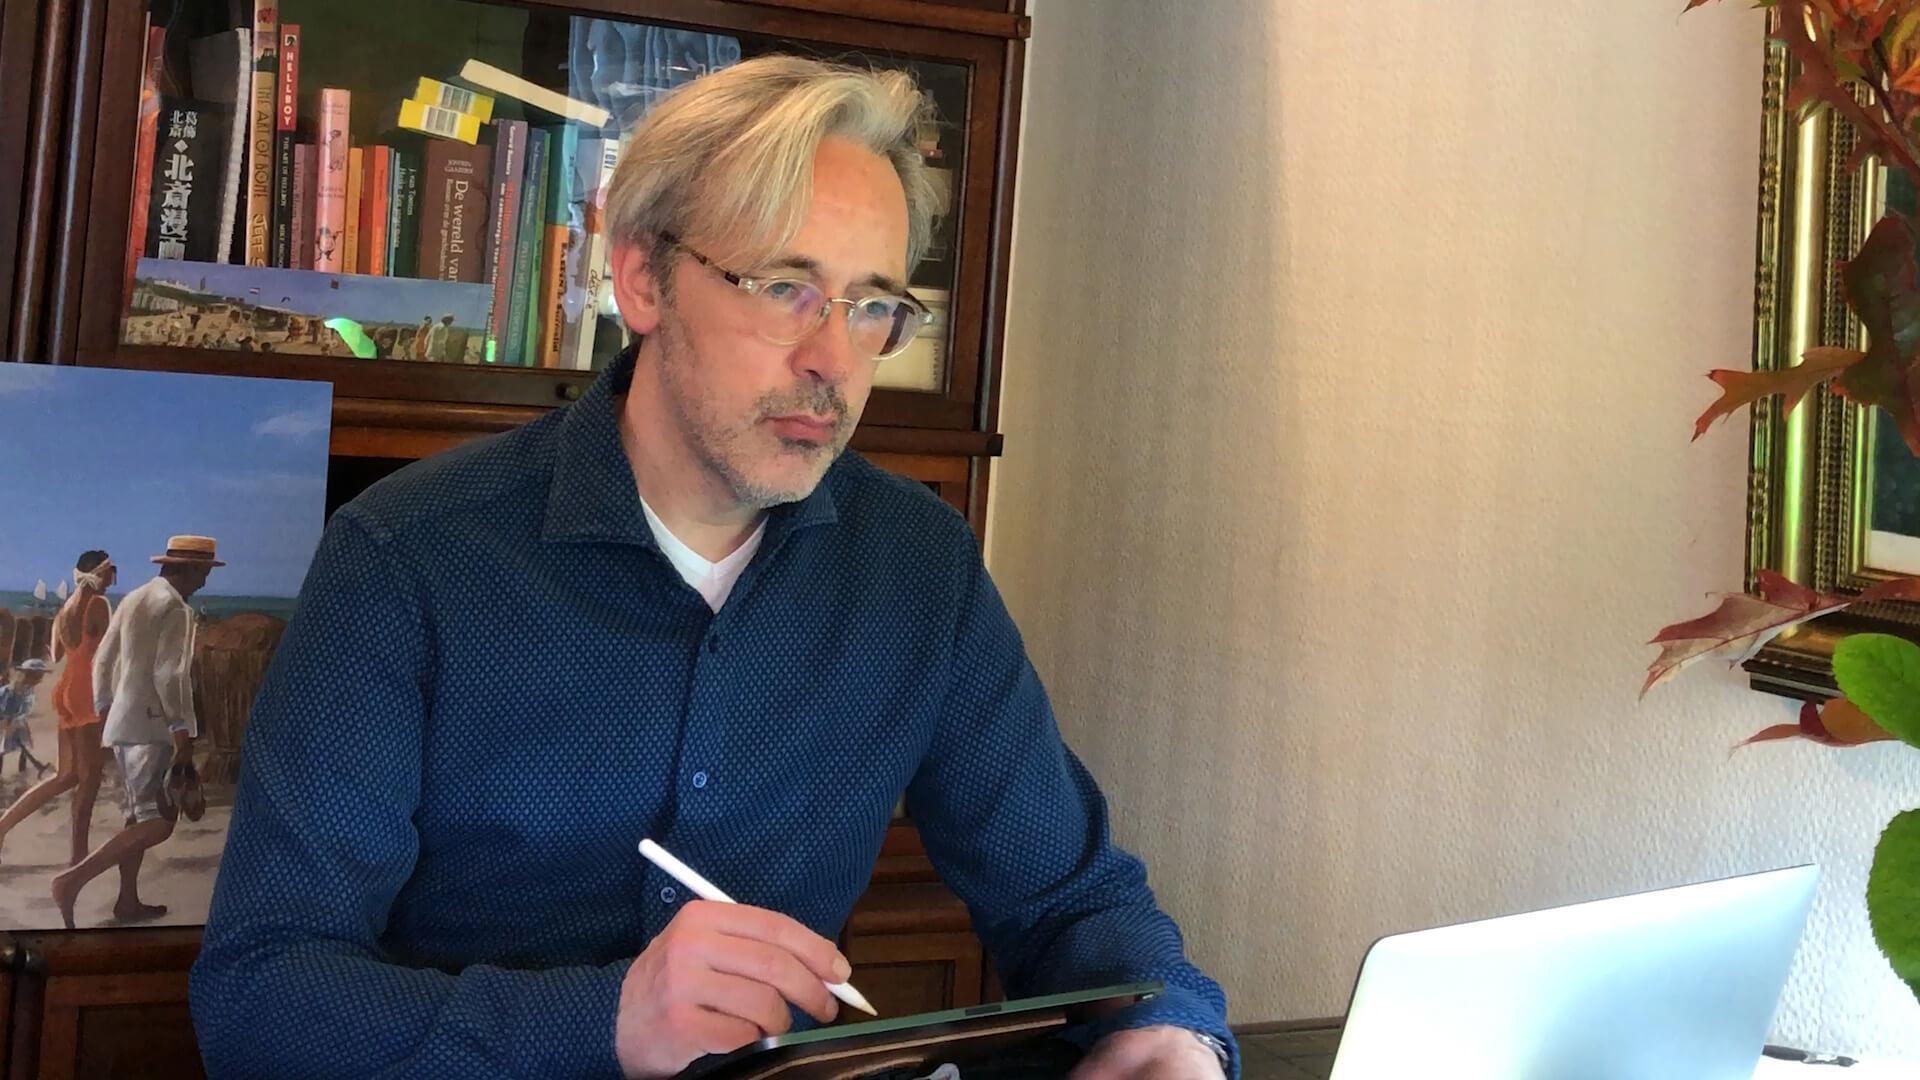 Stefan de Groot digitaal kunstenaar